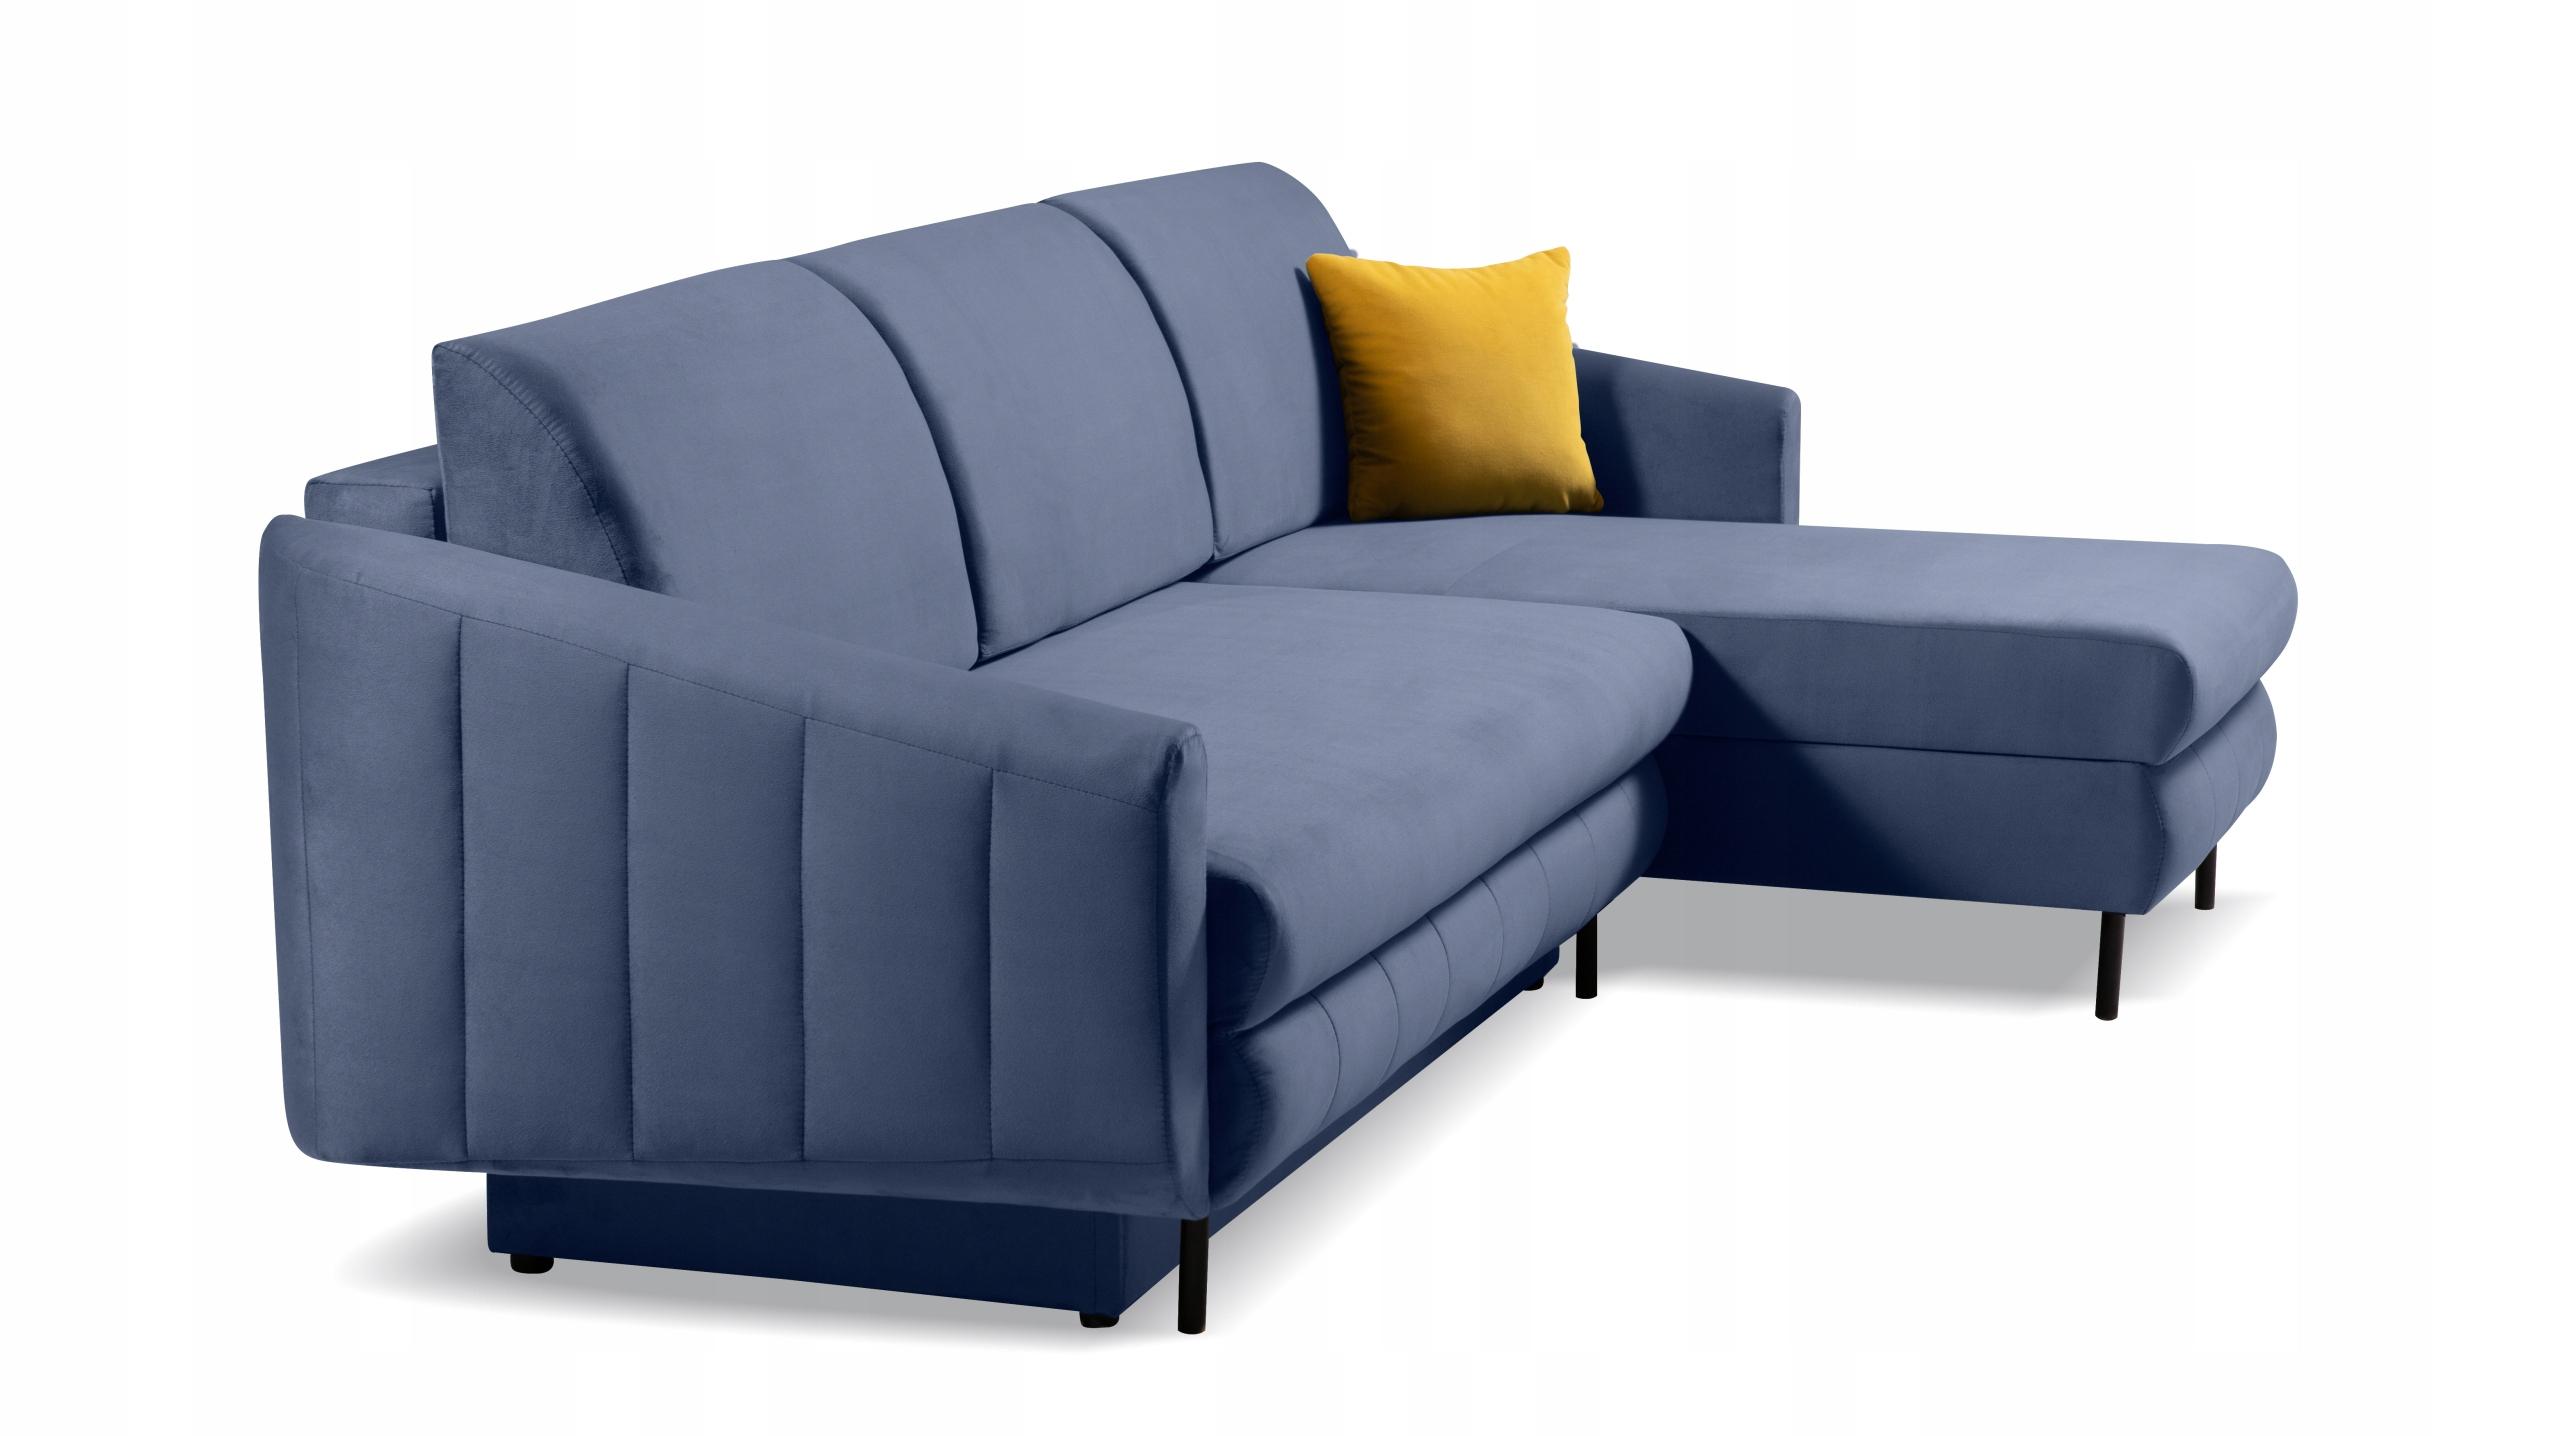 RINGO NEU komfortable Ecke Ecke Wohnzimmer Farbe Die Farbe der Polsterung - Blautöne